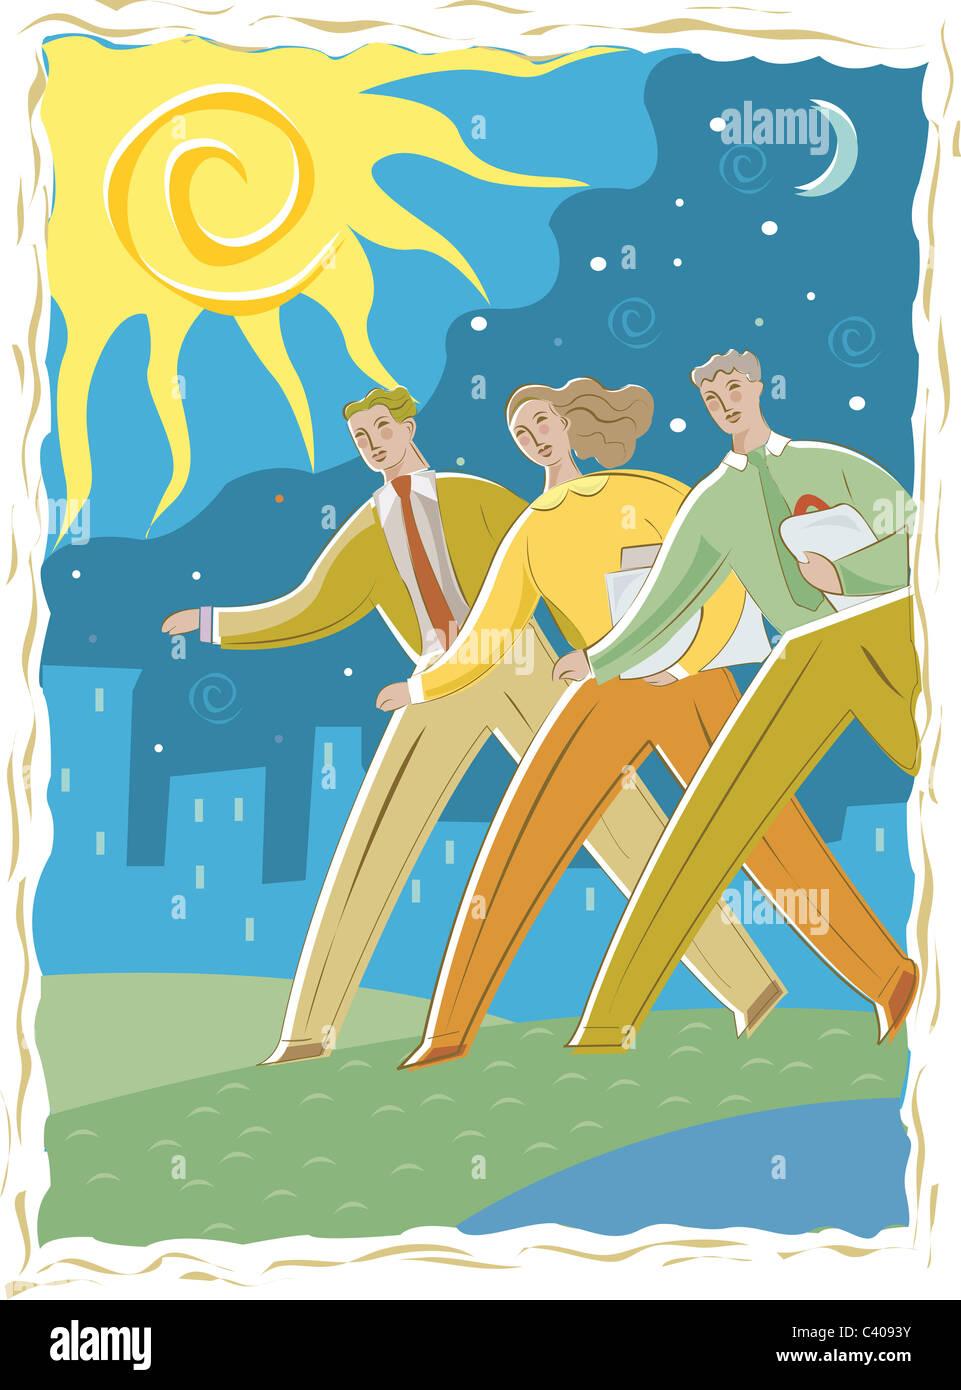 Ilustración de tres hombres de negocios Imagen De Stock